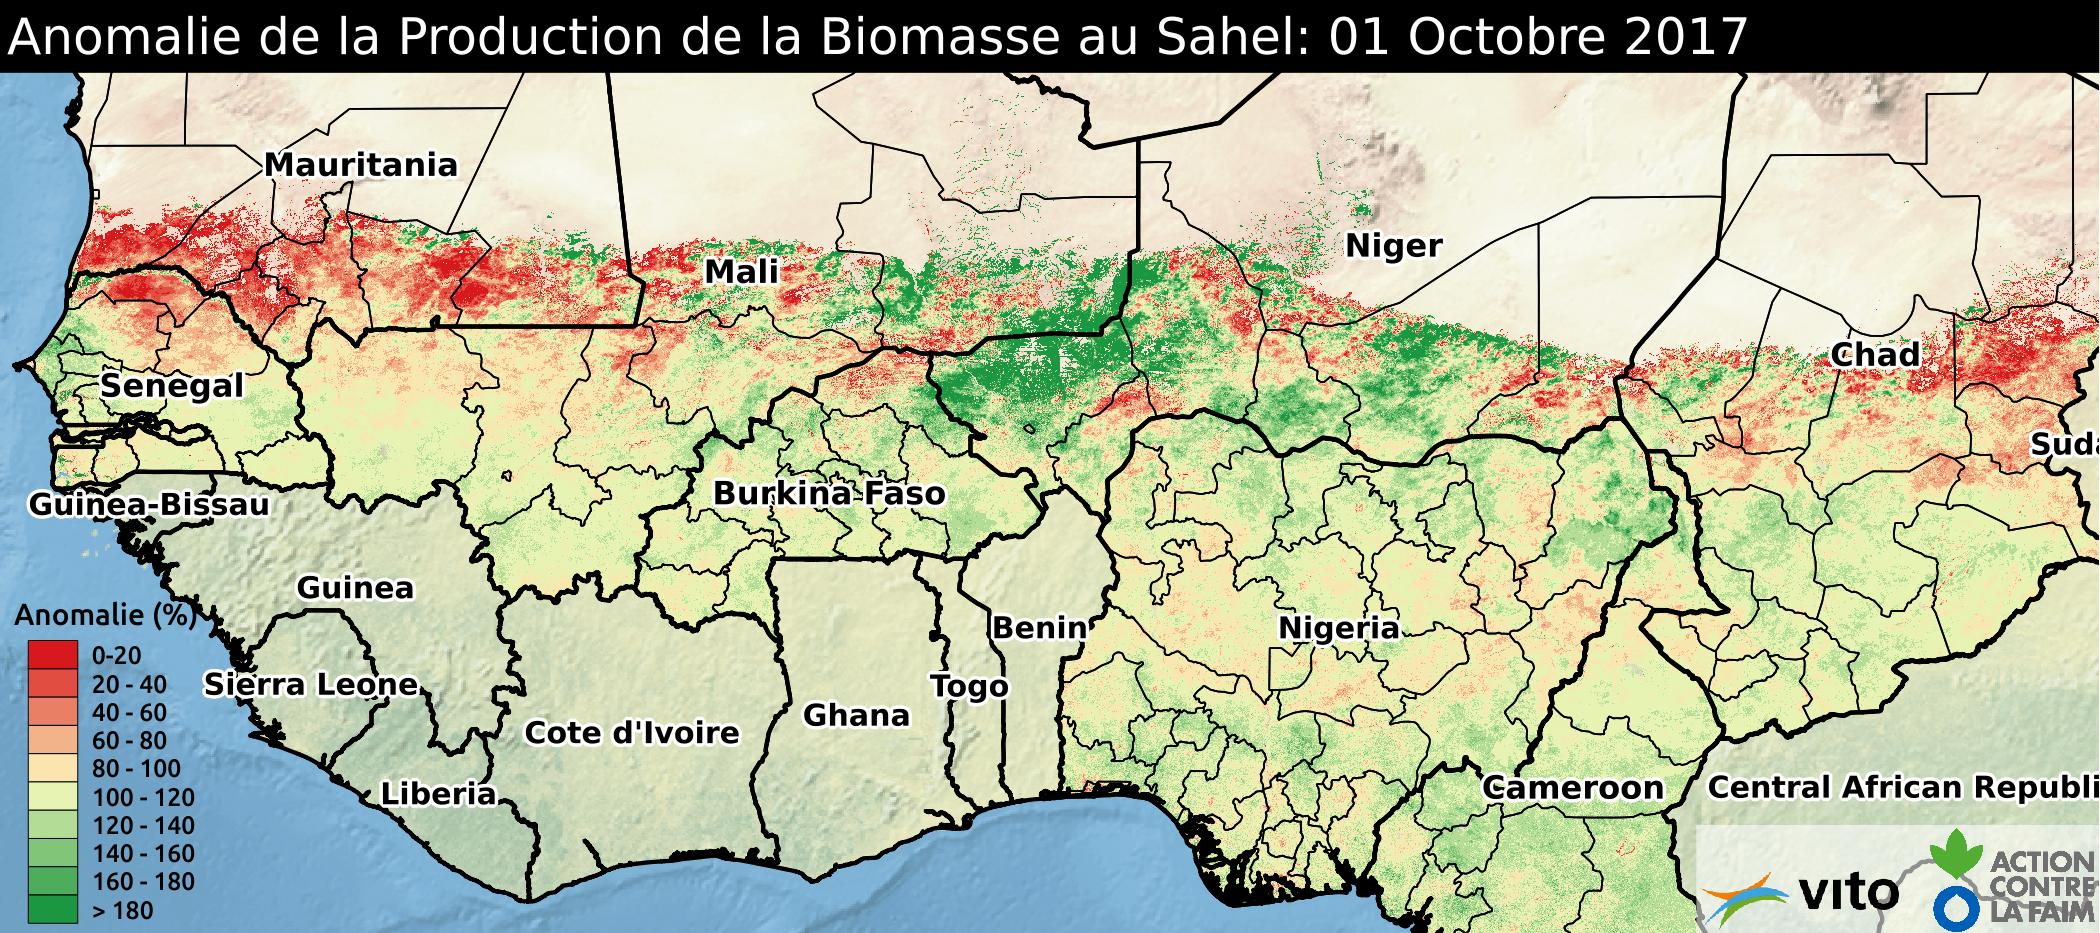 Anomalie Sahel 2017